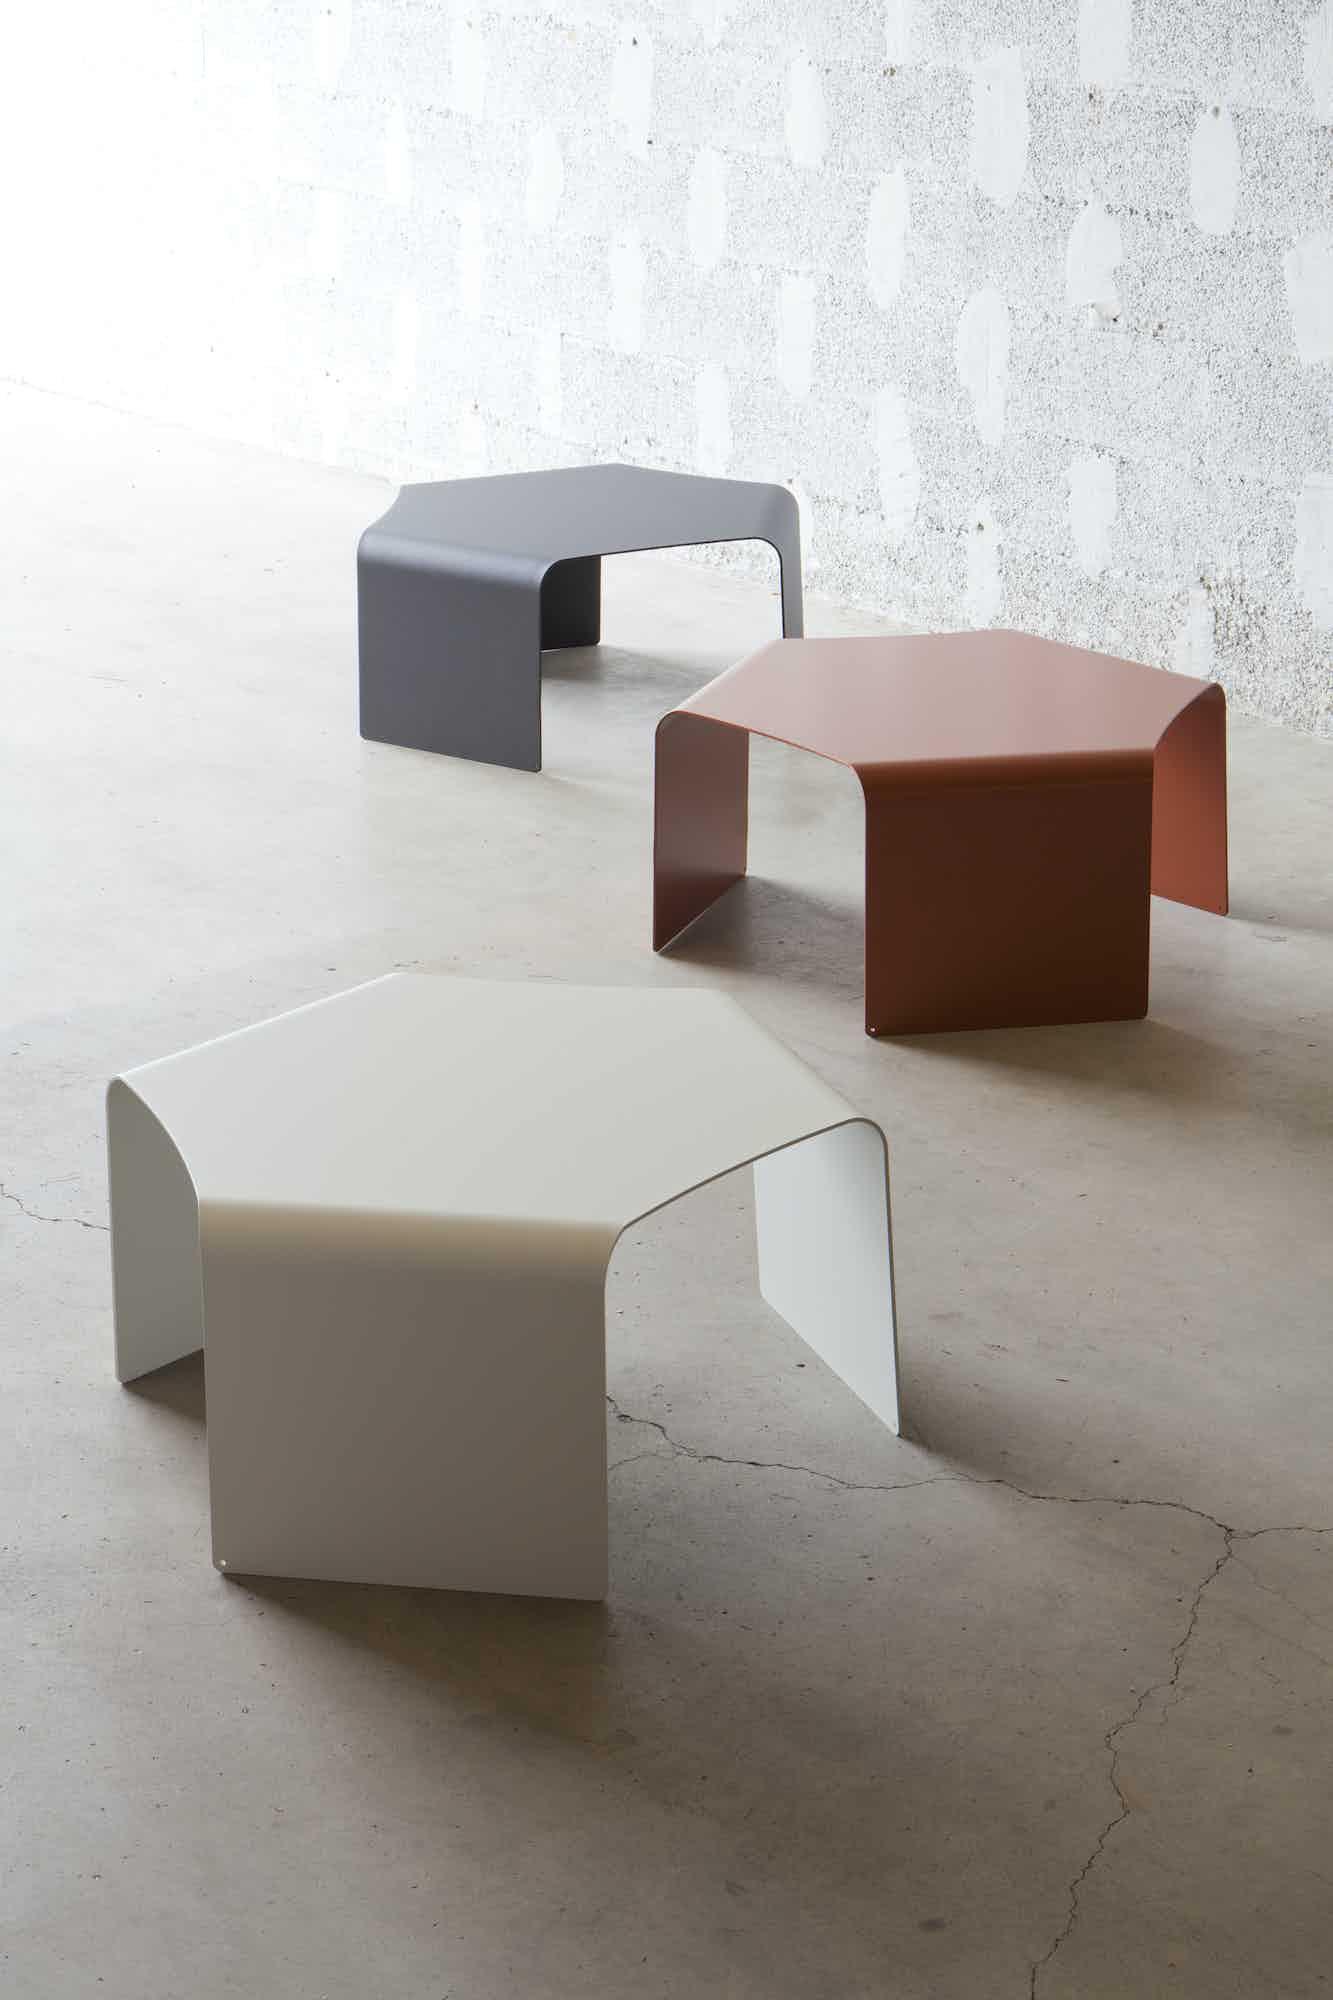 Matiere grise quaglio simonelli ponant table basse 76x68 metal brique blanc anthracite terracotta gris table appoint a cafe ambiance mobilier exterieur